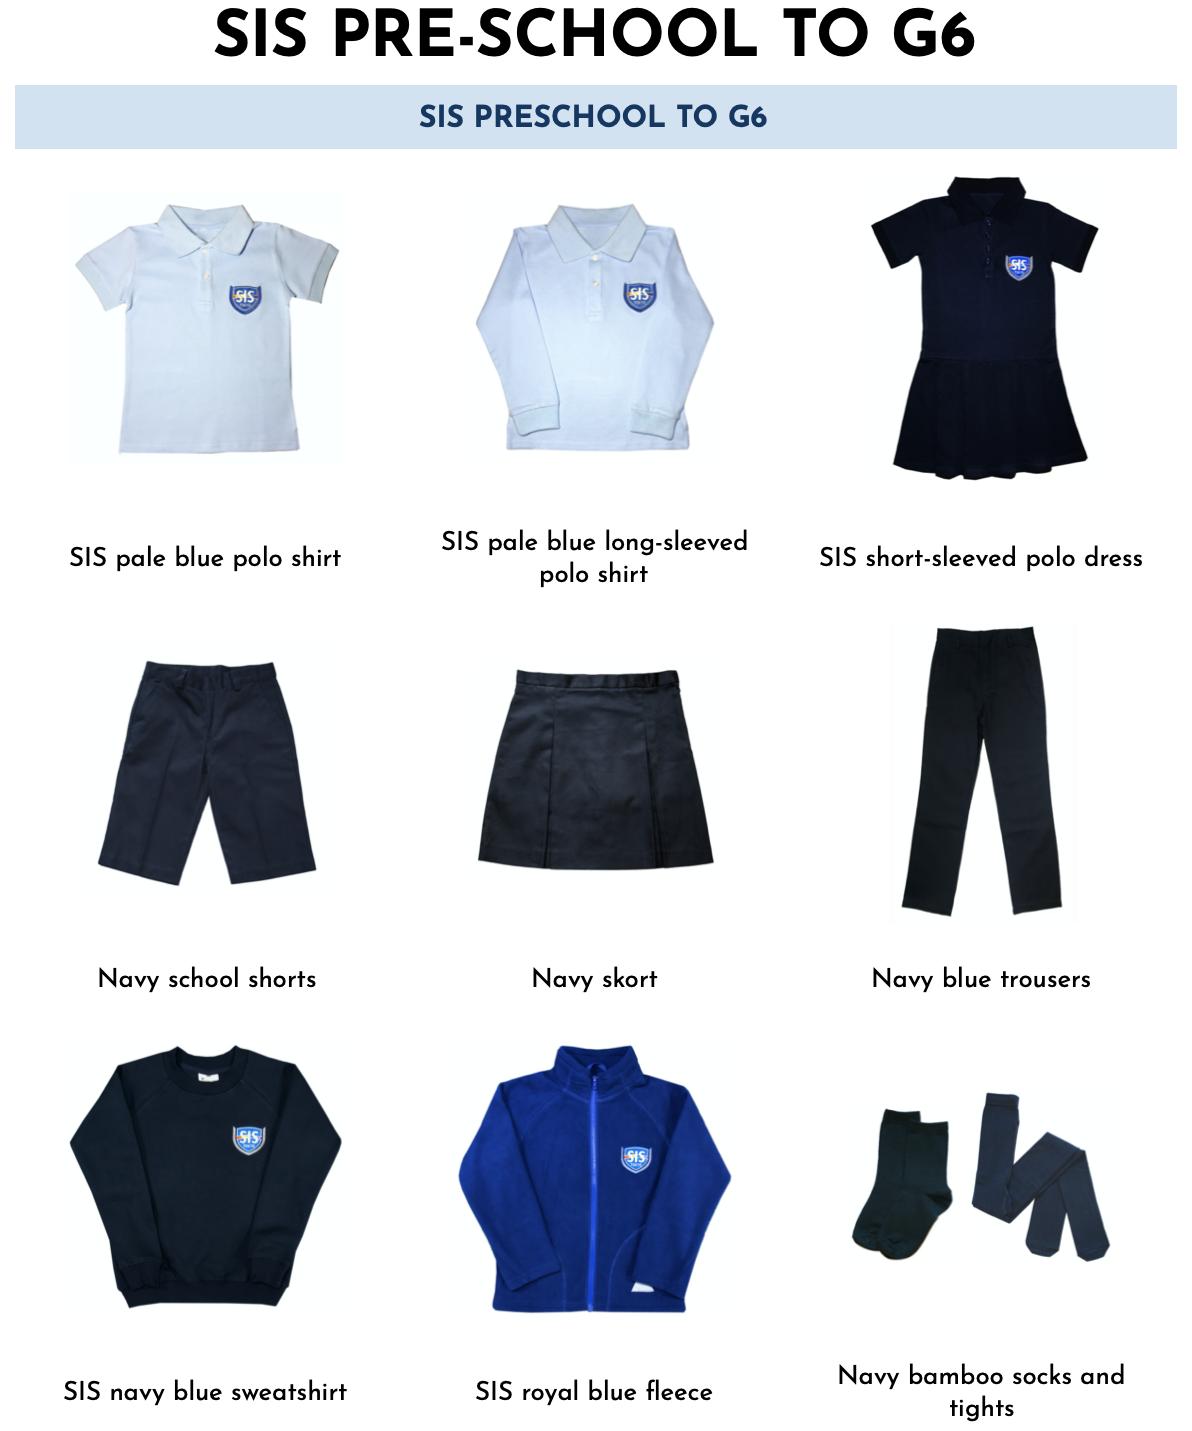 sis-uniform-guide-2021-1a.png